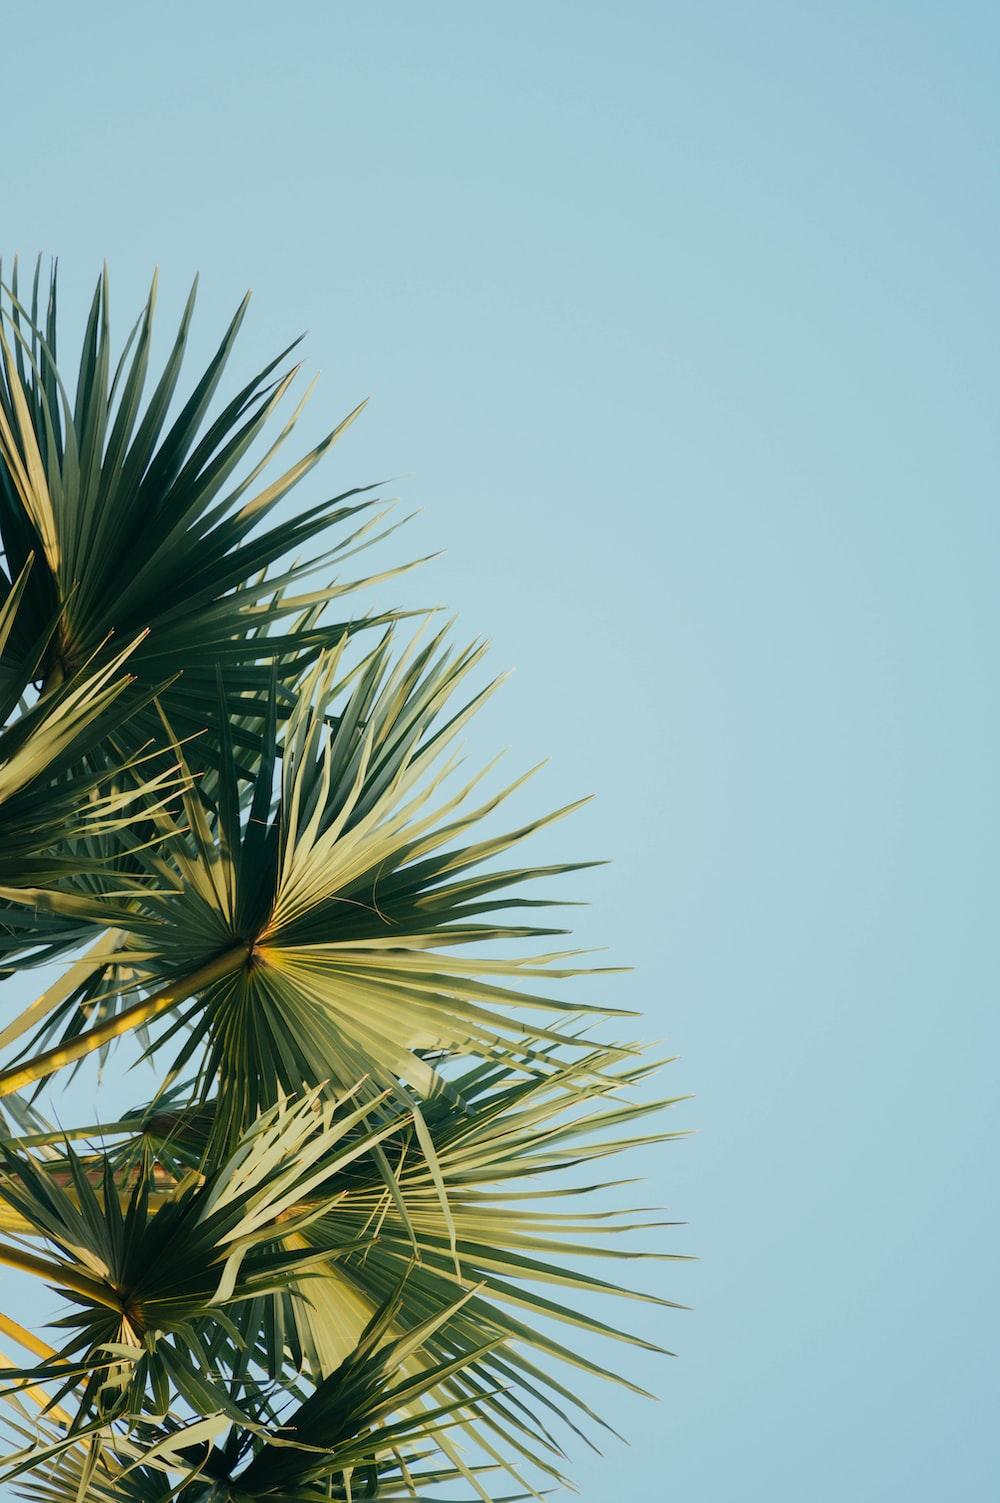 fan palm tree under blue sky